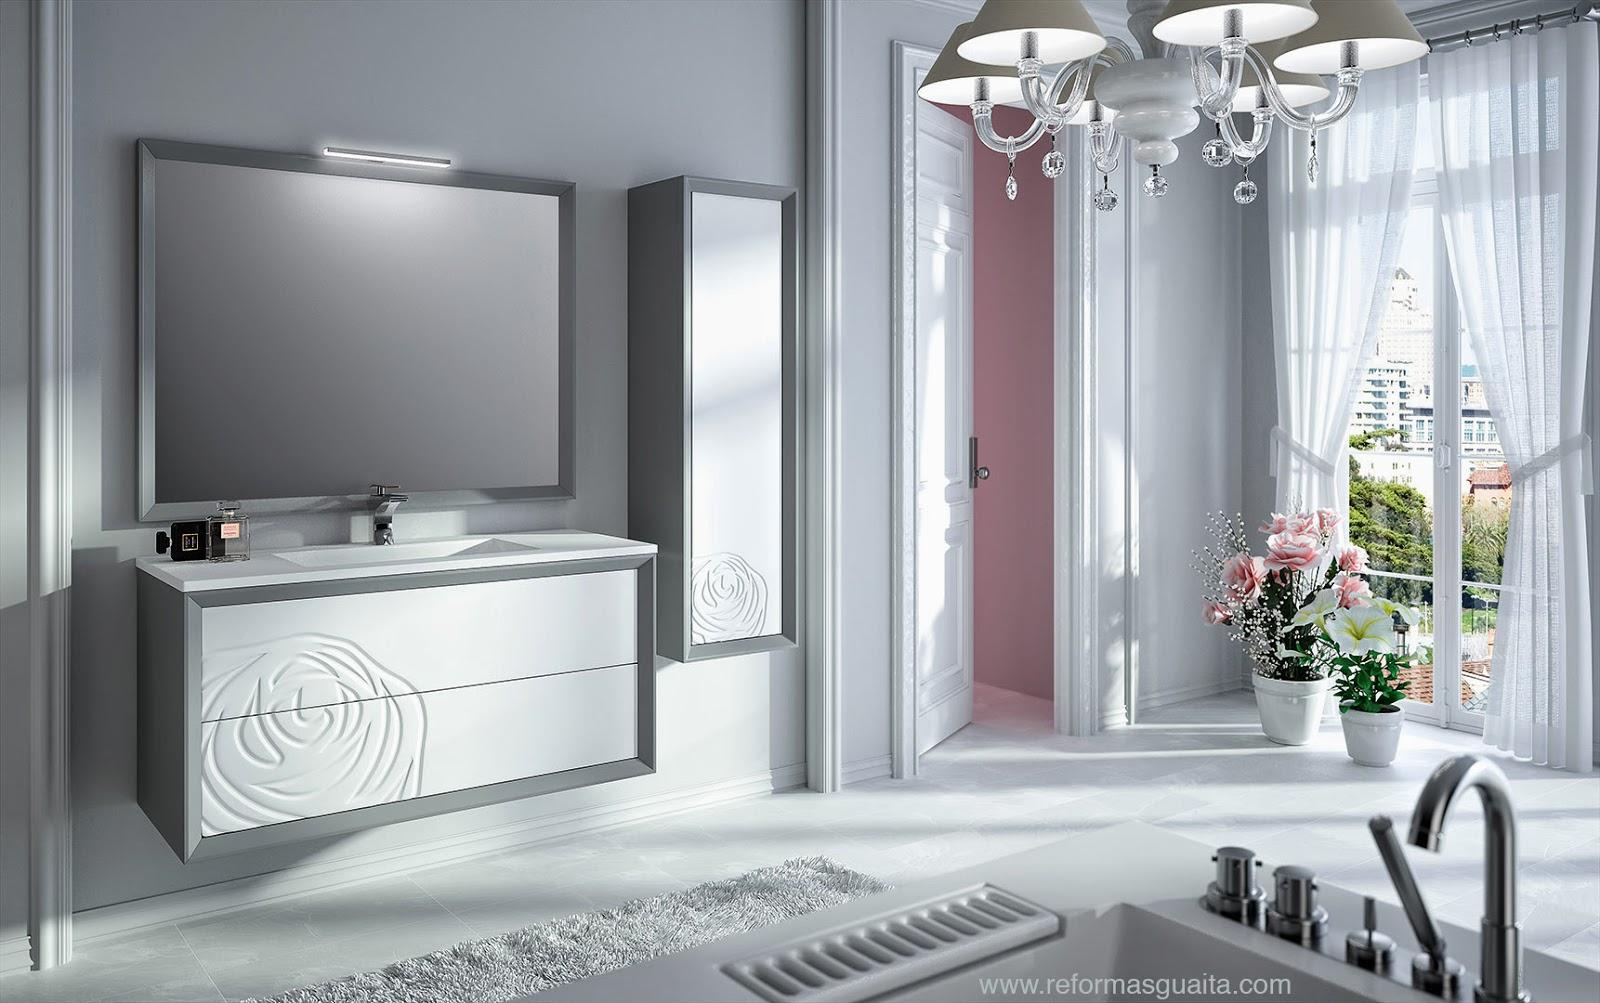 Mueble de ba o rosal 2 colores tu cocina y ba o for Imagenes de muebles de bano